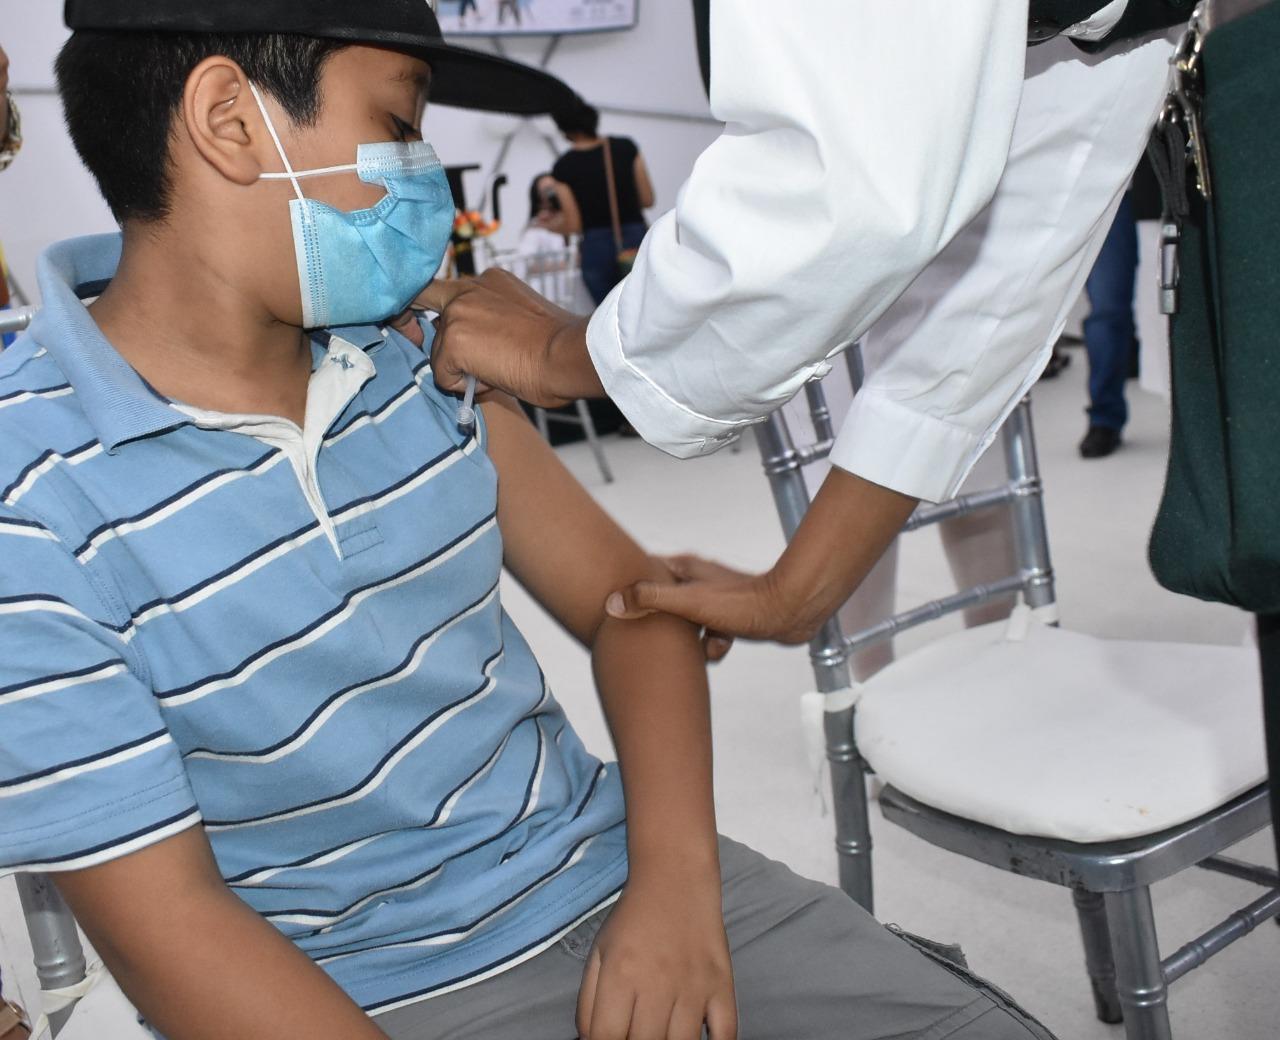 Los menores de Monclova con enfermedades tendrán prioridad en vacunación antiCOVID-19